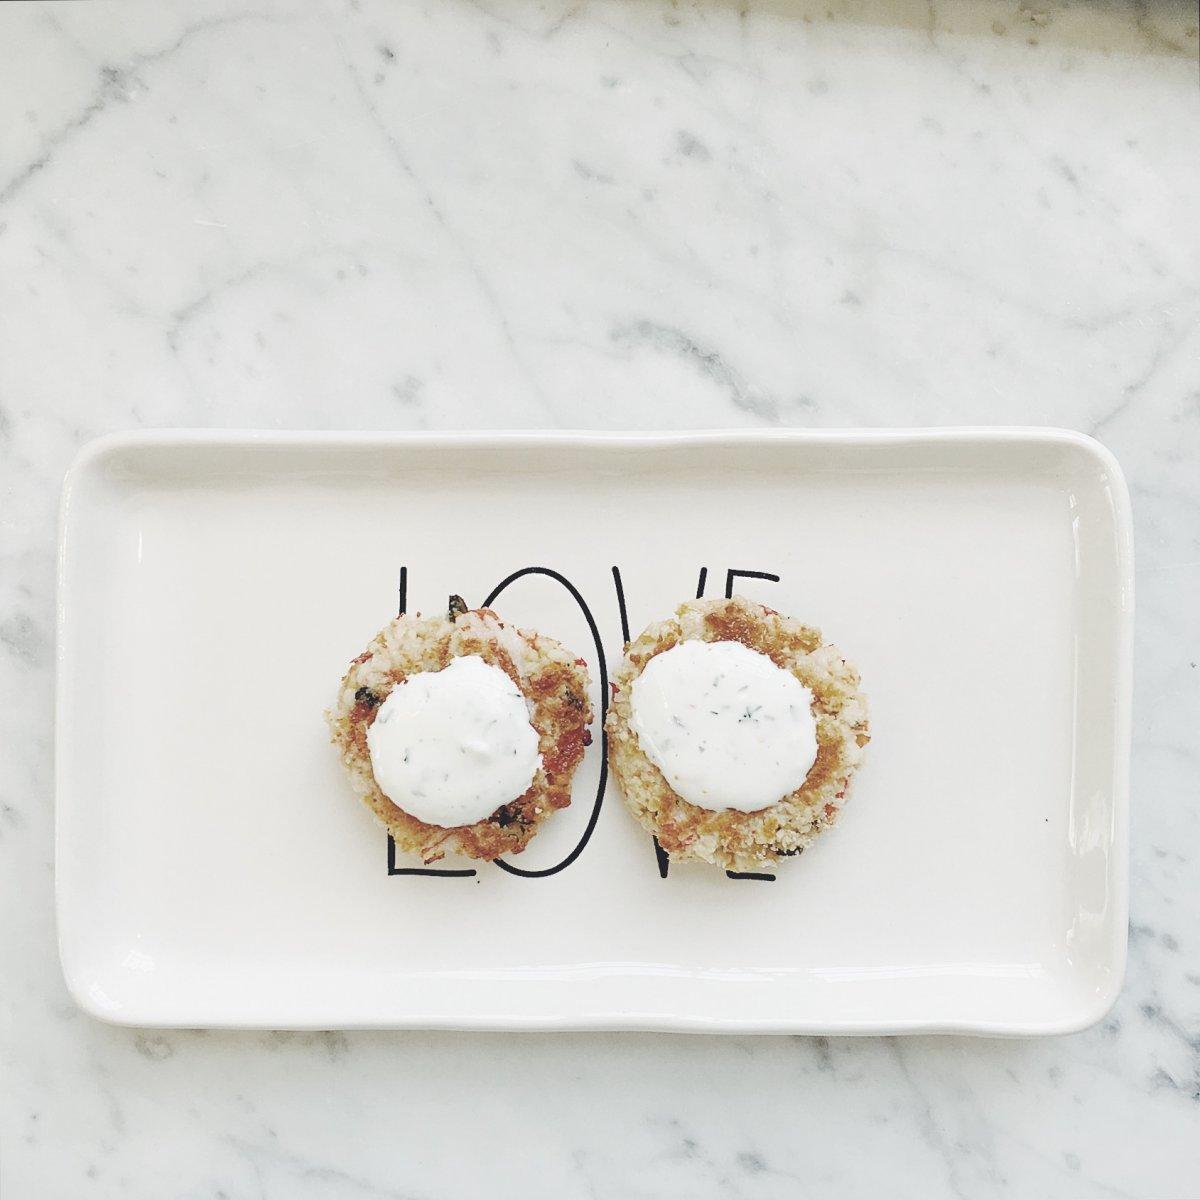 Best Crab Cakes Recipe